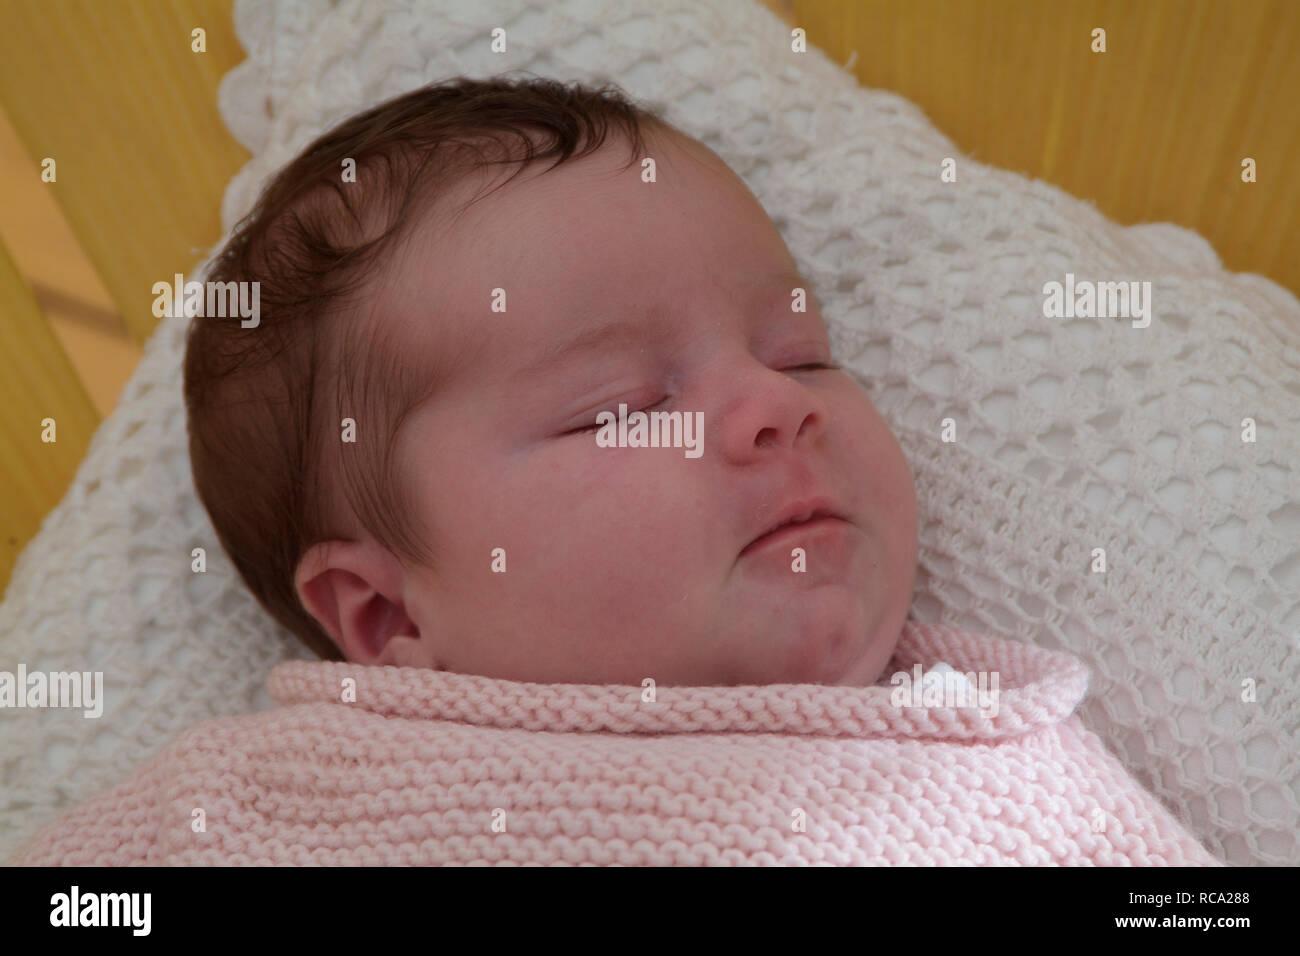 Bébé neugeborenes liegt auf einem Kissen, das ist genre 12 Tage alt   nouveau né bébé couché sur un coussin - le bébé est 12 jours. Banque D'Images